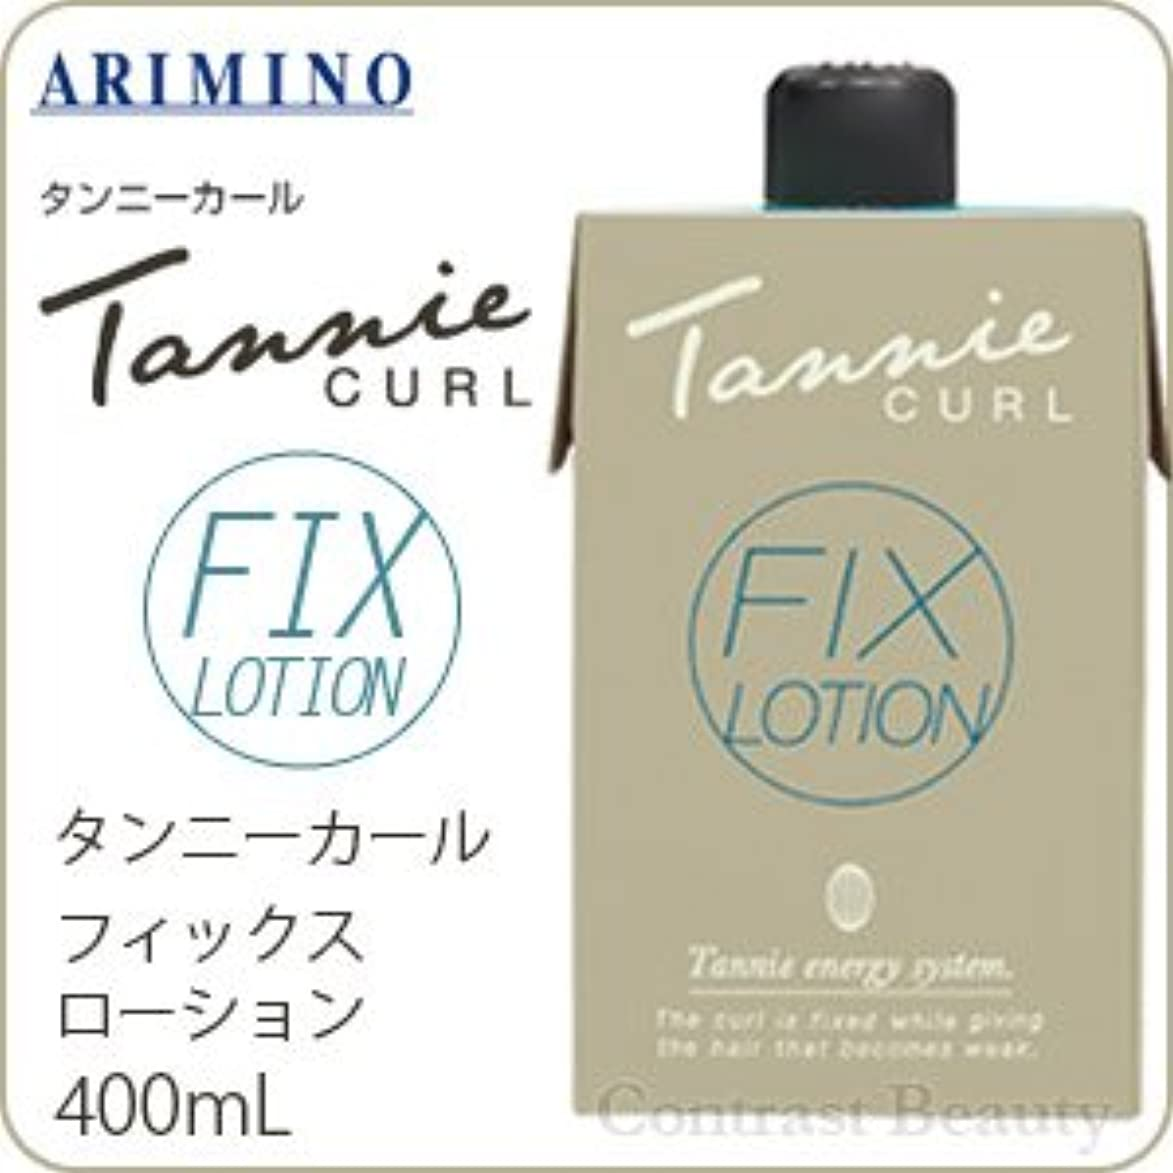 締めるカフェ地下【X4個セット】 アリミノ タンニーカール フィックス ローション 400ml